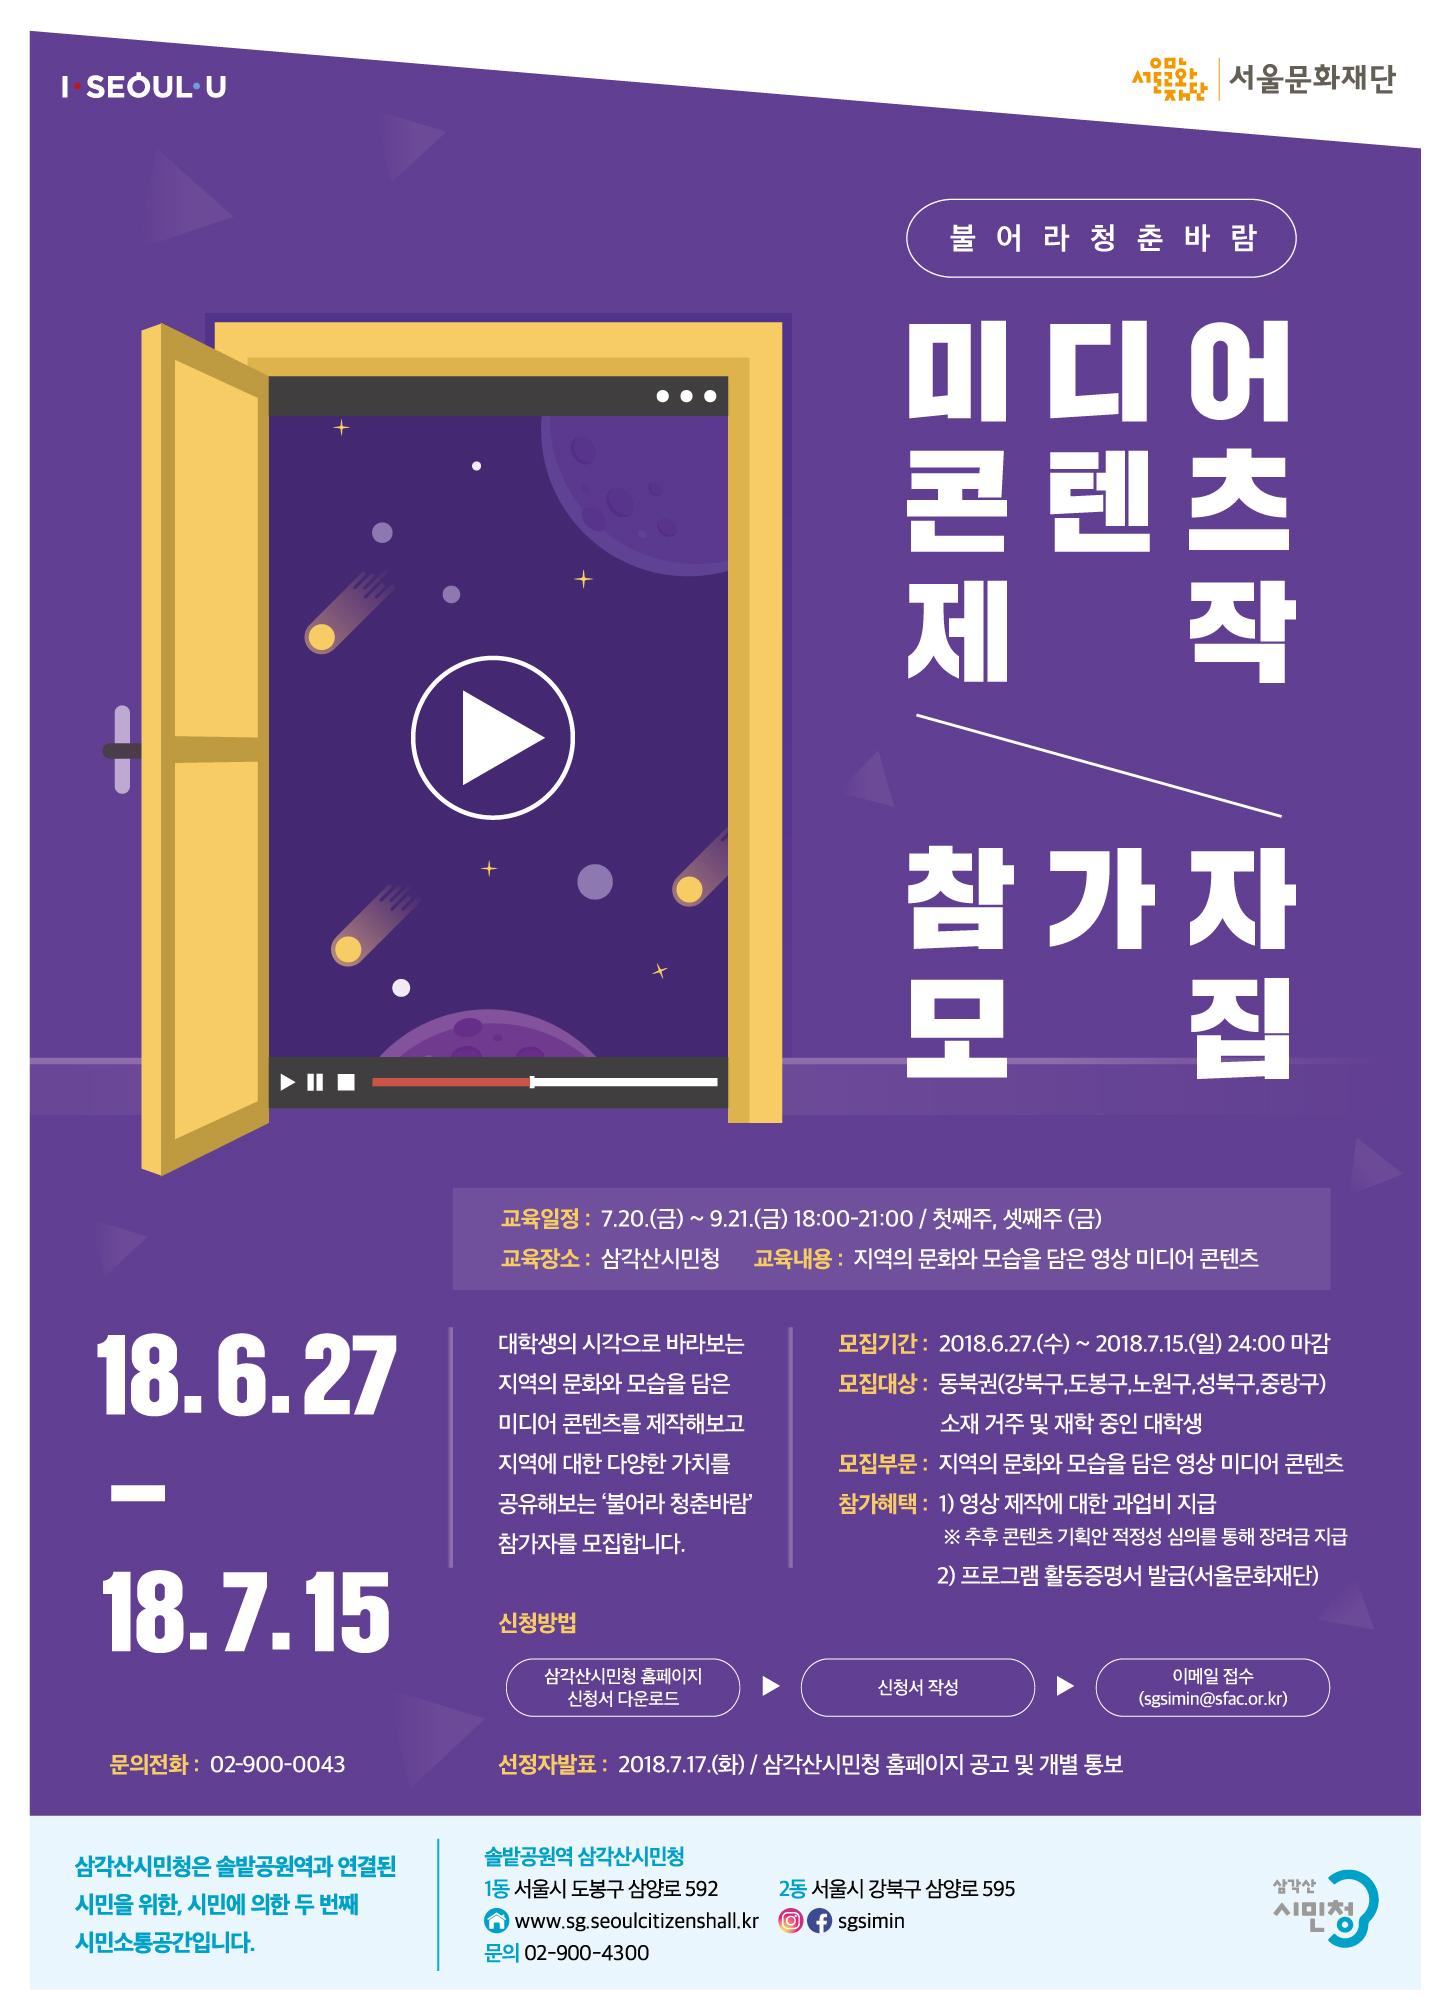 2018 불어라 청춘바람_미디어콘텐츠 제작 참가자 모집